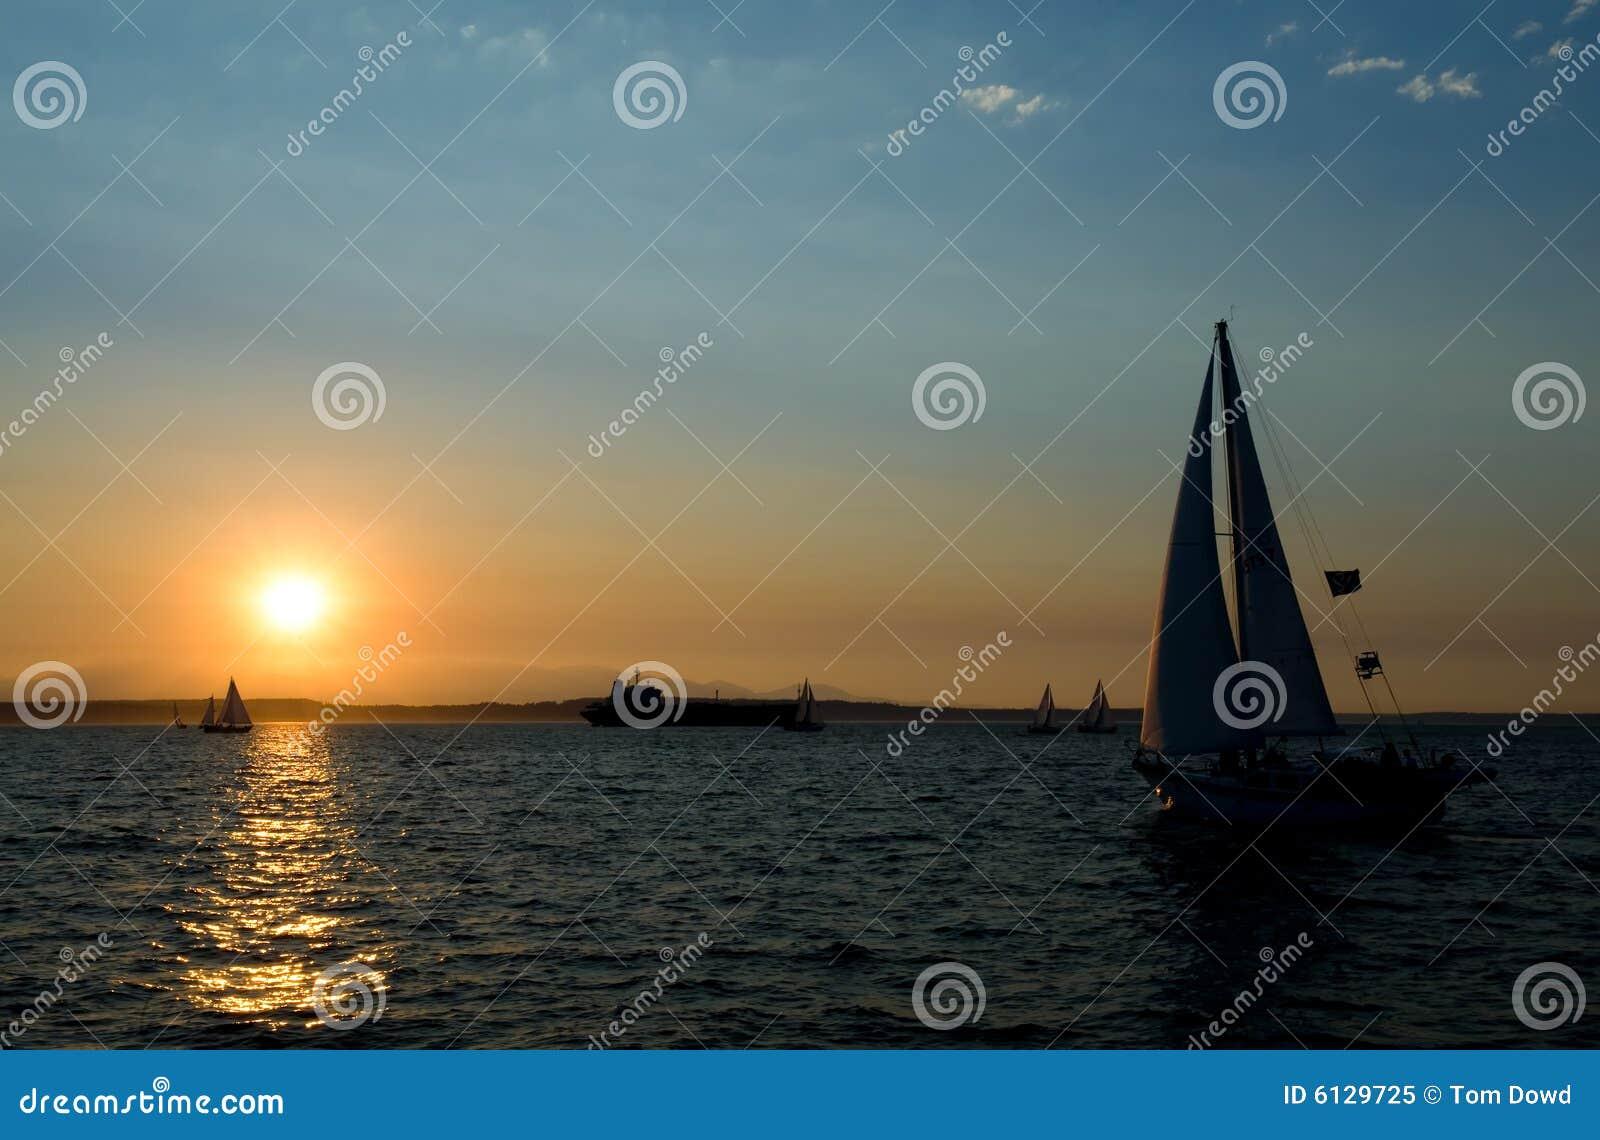 Yachts sailing at sunset